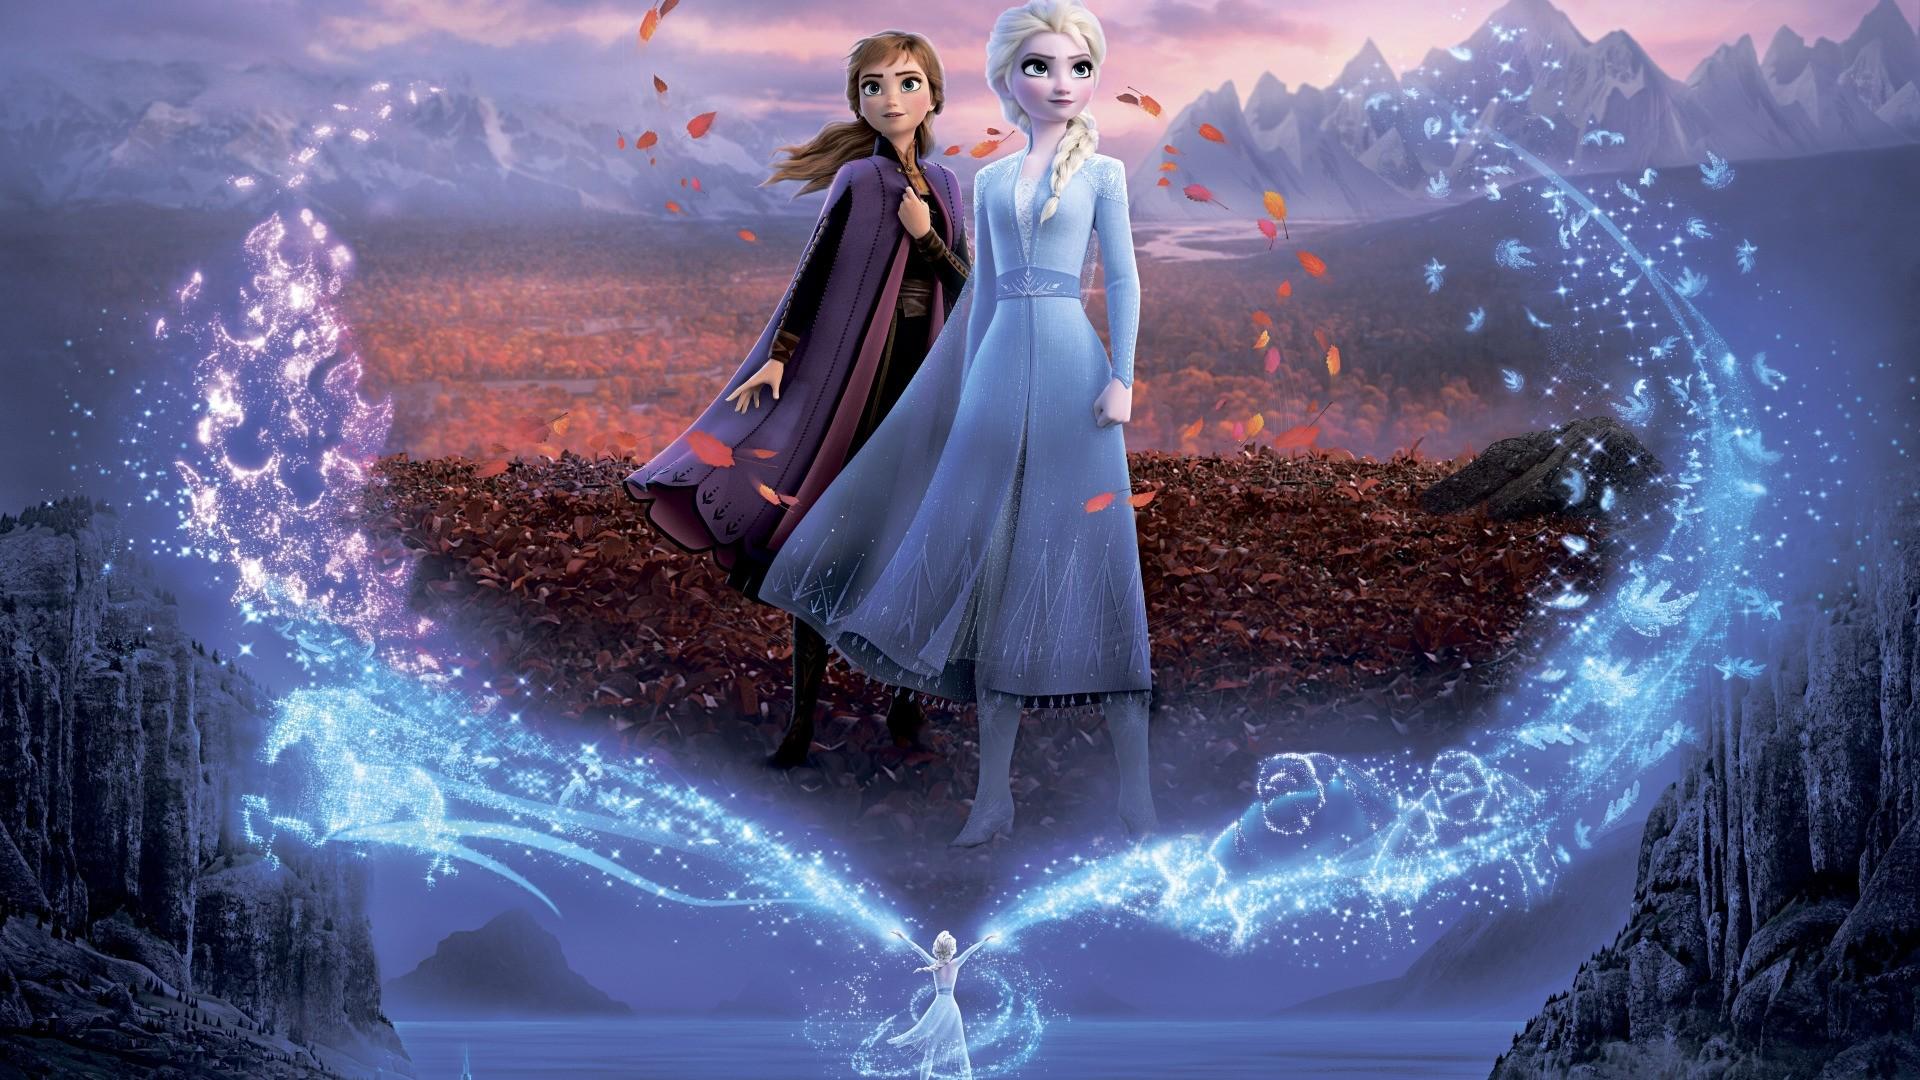 Frozen 2 Full HD Wallpaper